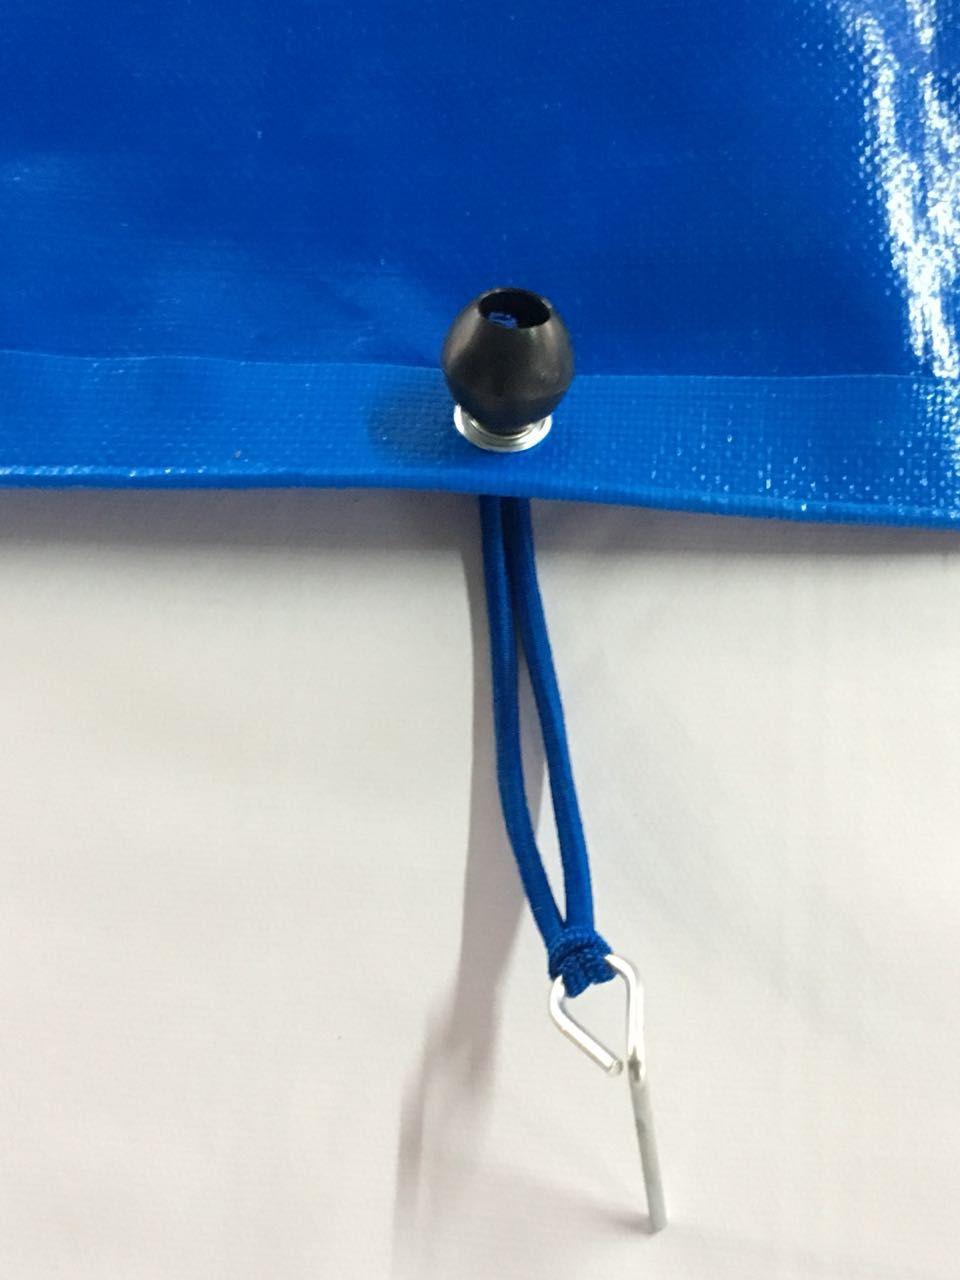 Capa para Piscina SL 500 Azul Completa com Acessórios Pinos e Extensores 6x4 m